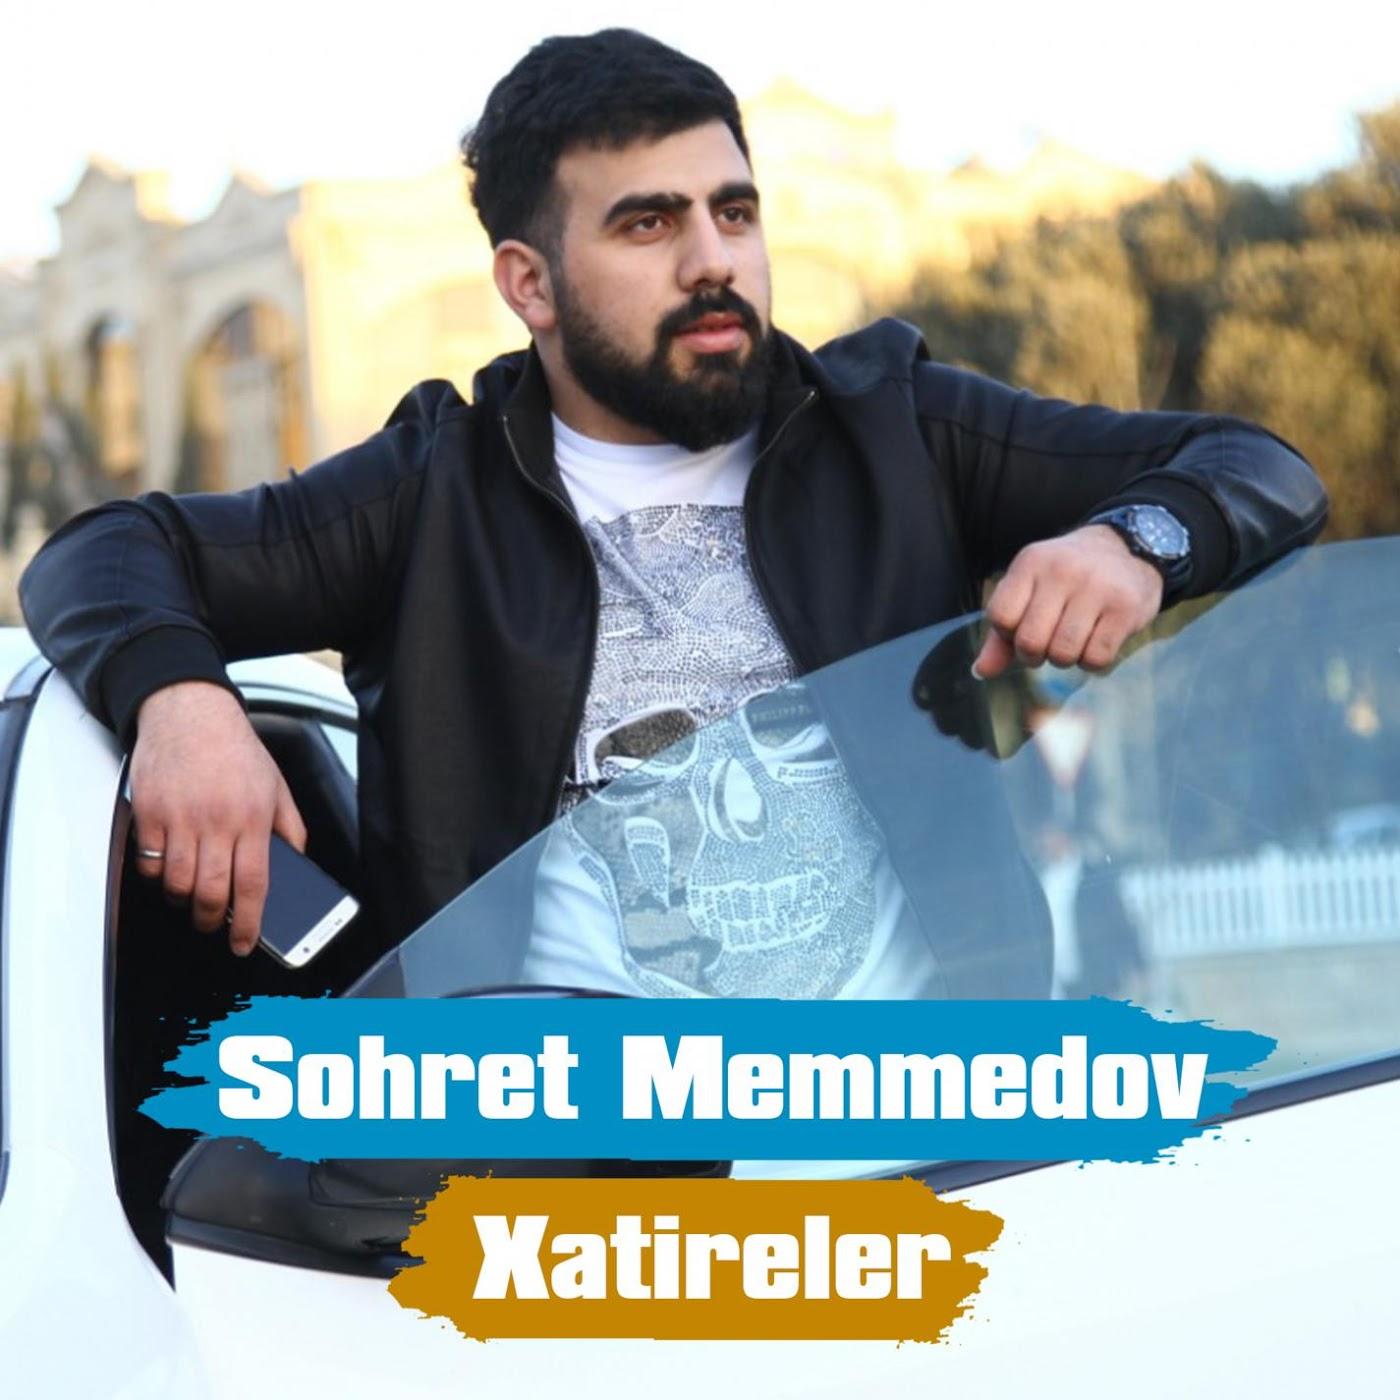 http://s6.picofile.com/file/8385846550/24Sohret_Memmedov_Xatireler.jpg